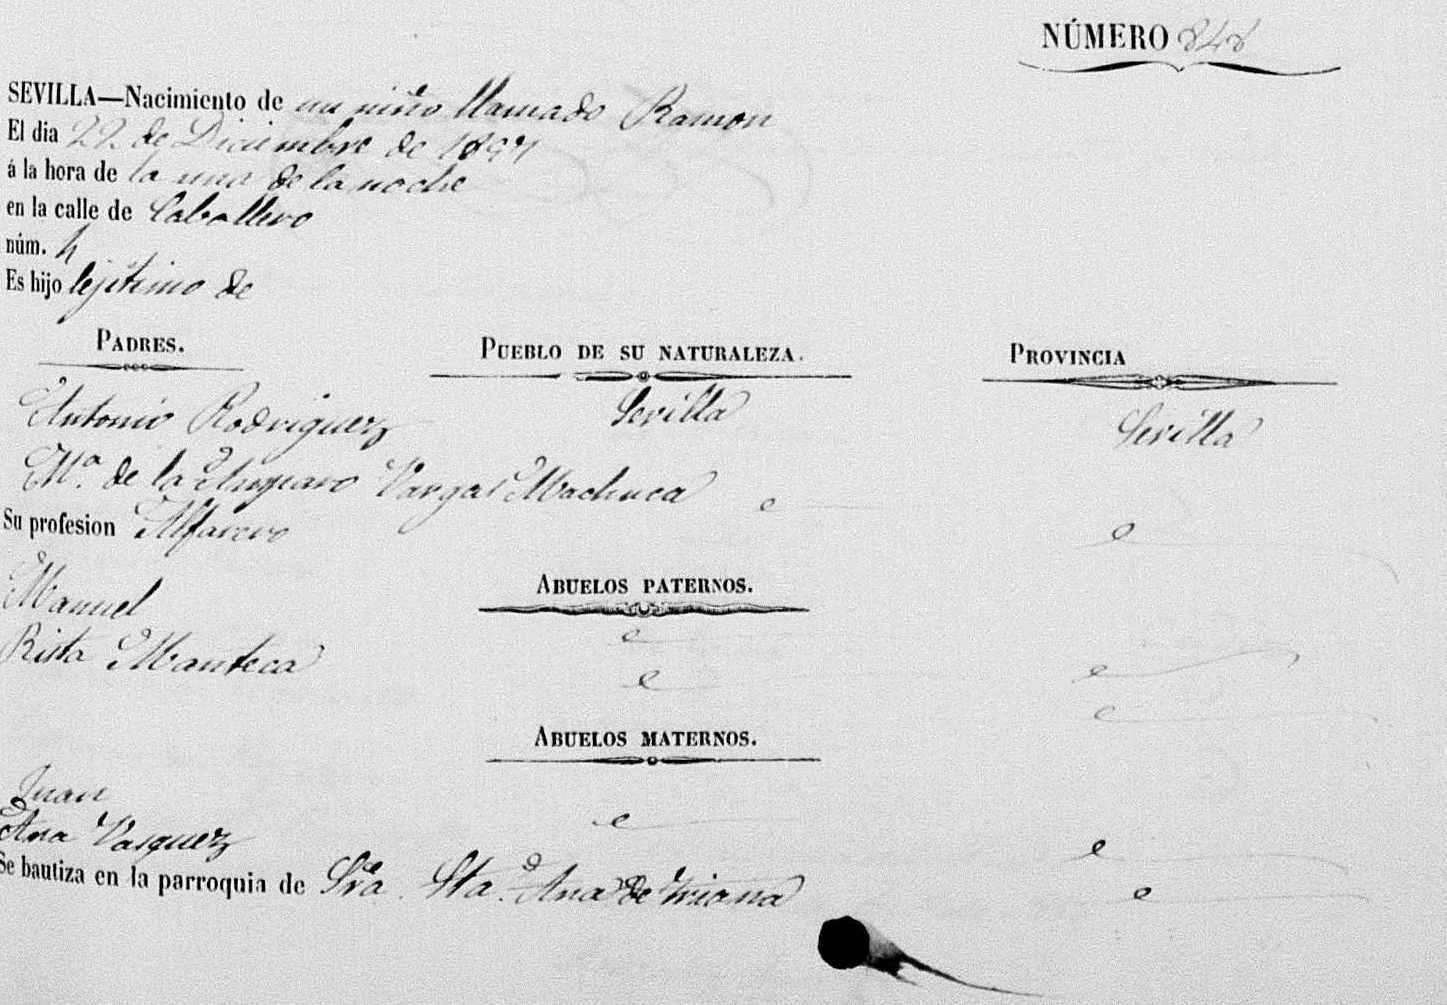 Partida de nacimiento de Ramón el Ollero. 22 diciembre 1857. Archivo Manuel Bohórquez.